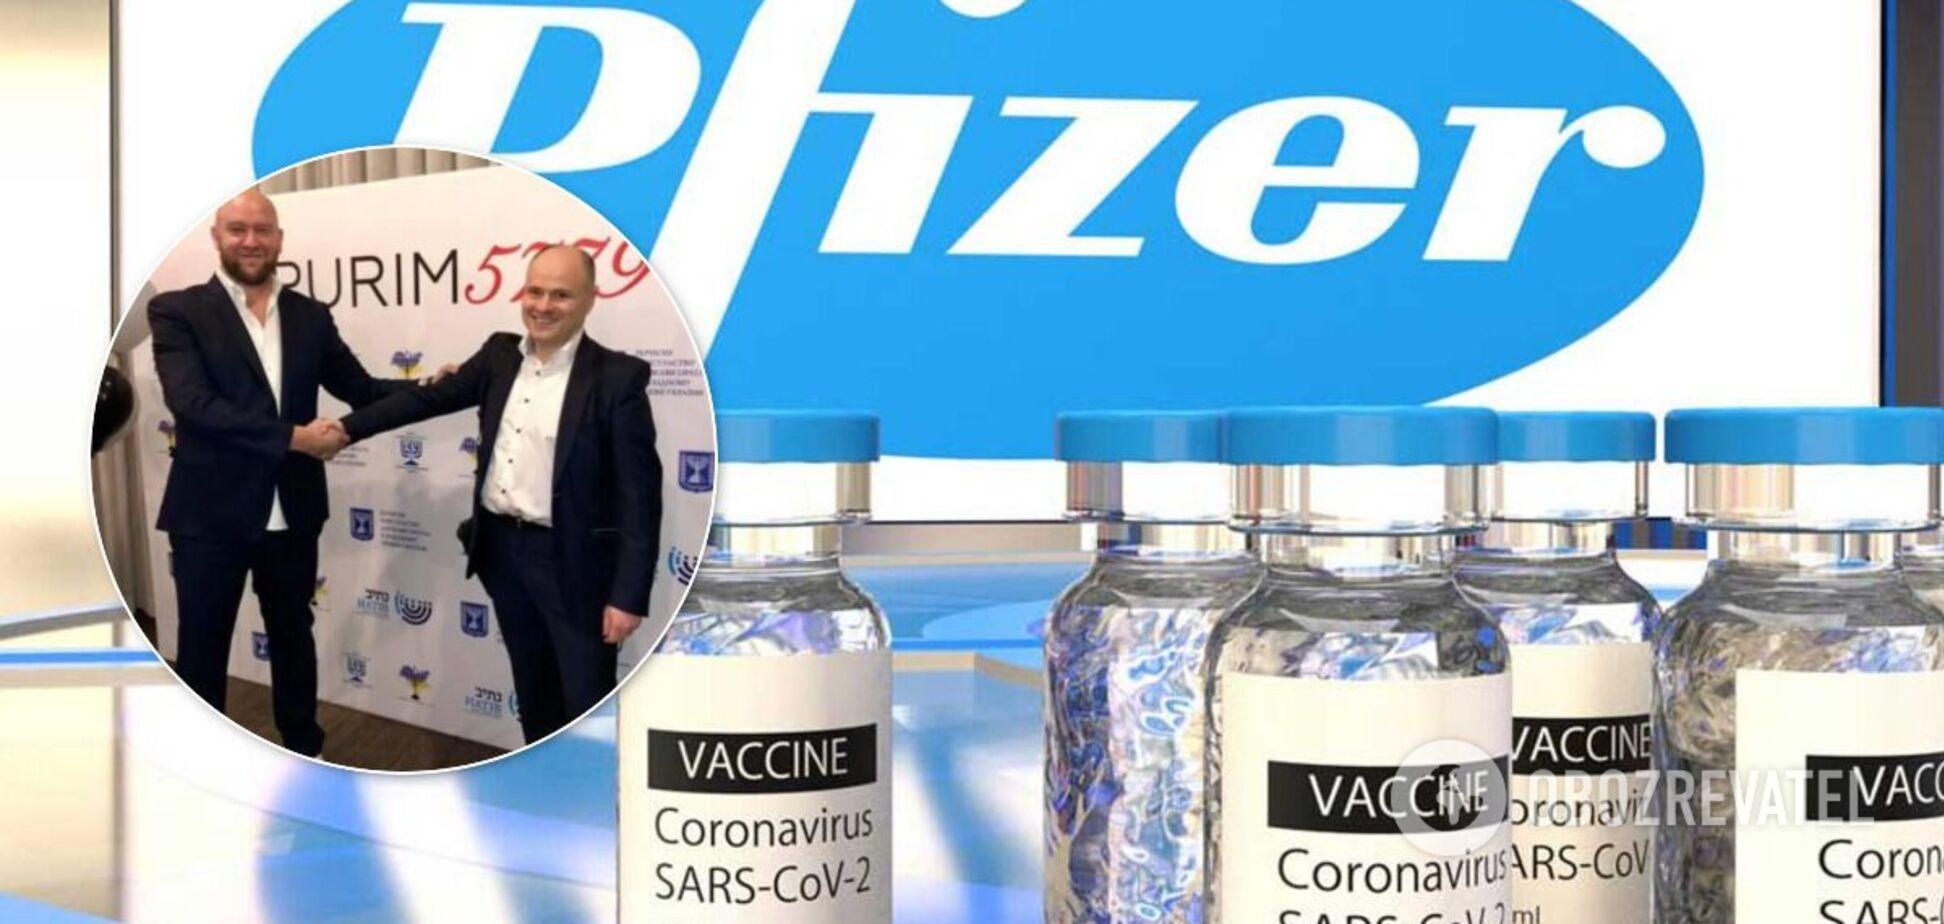 Утверждаю, что Голдман, при помощи Радуцкого, проводит вакцинацию украинским чиновникам и бизнесменам